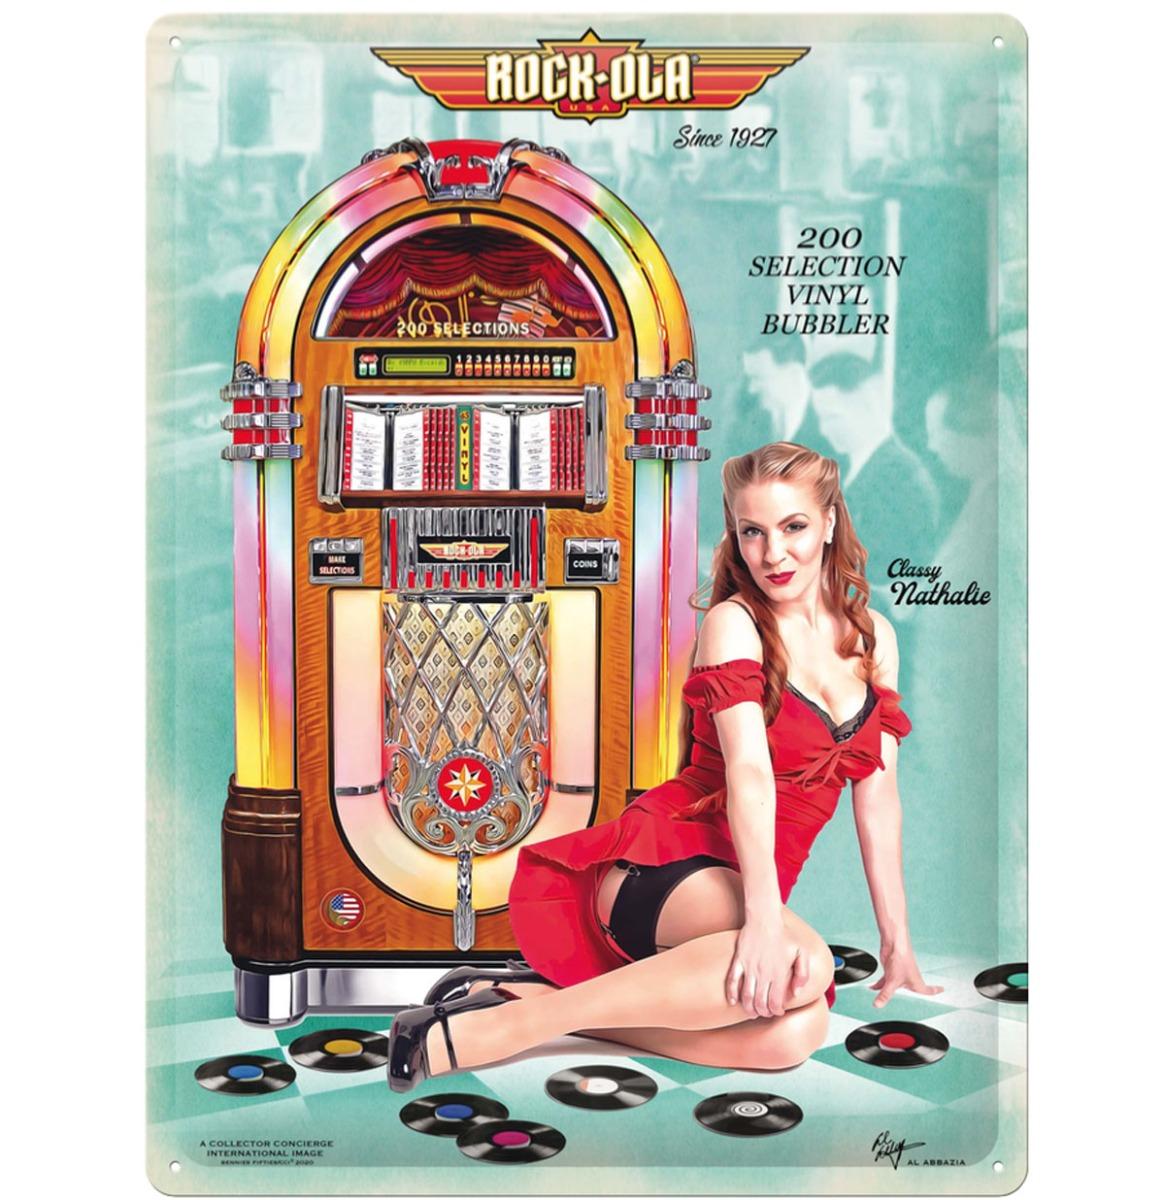 Rock-Ola Vinyl Bubbler Jukebox Pin-Up Classy Nathalie Metalen Bord 30 x 40 cm